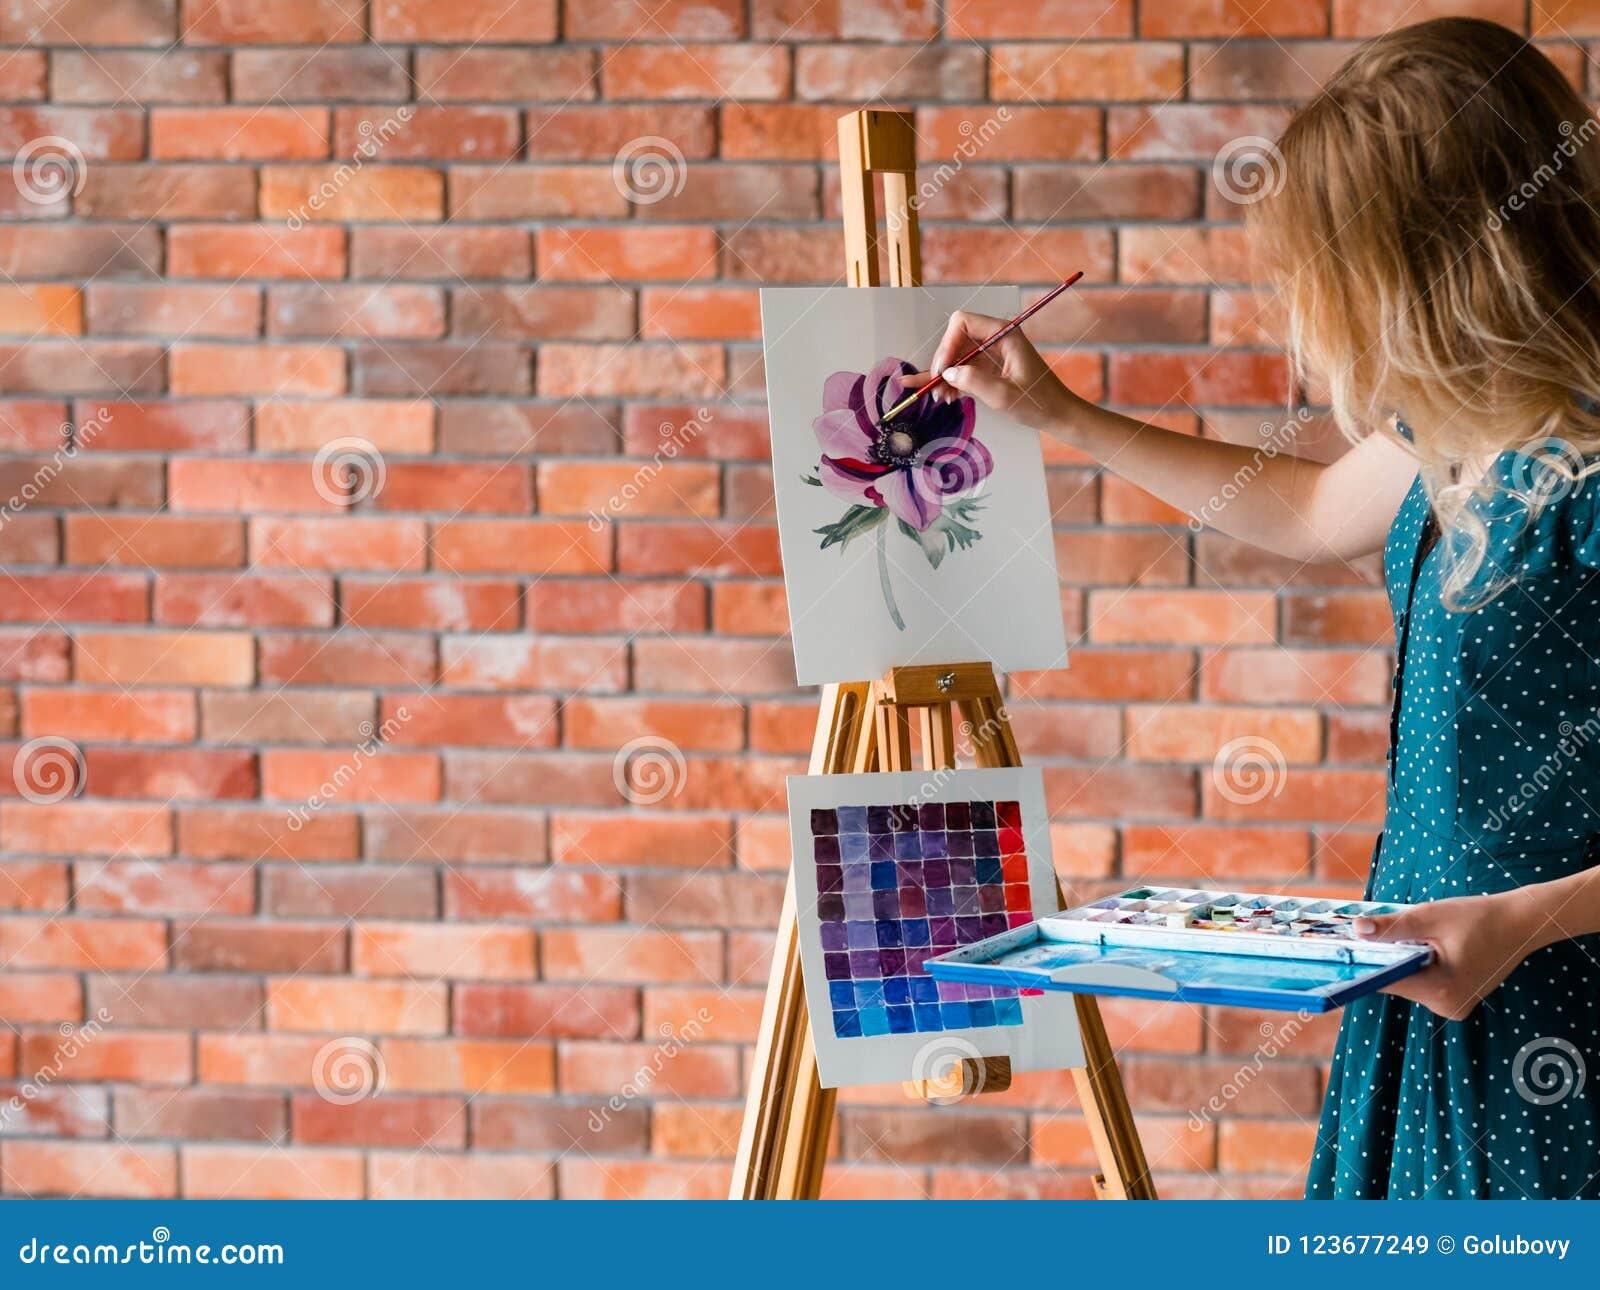 Attraktion för flicka för talang för personlighet för målninghobby slug